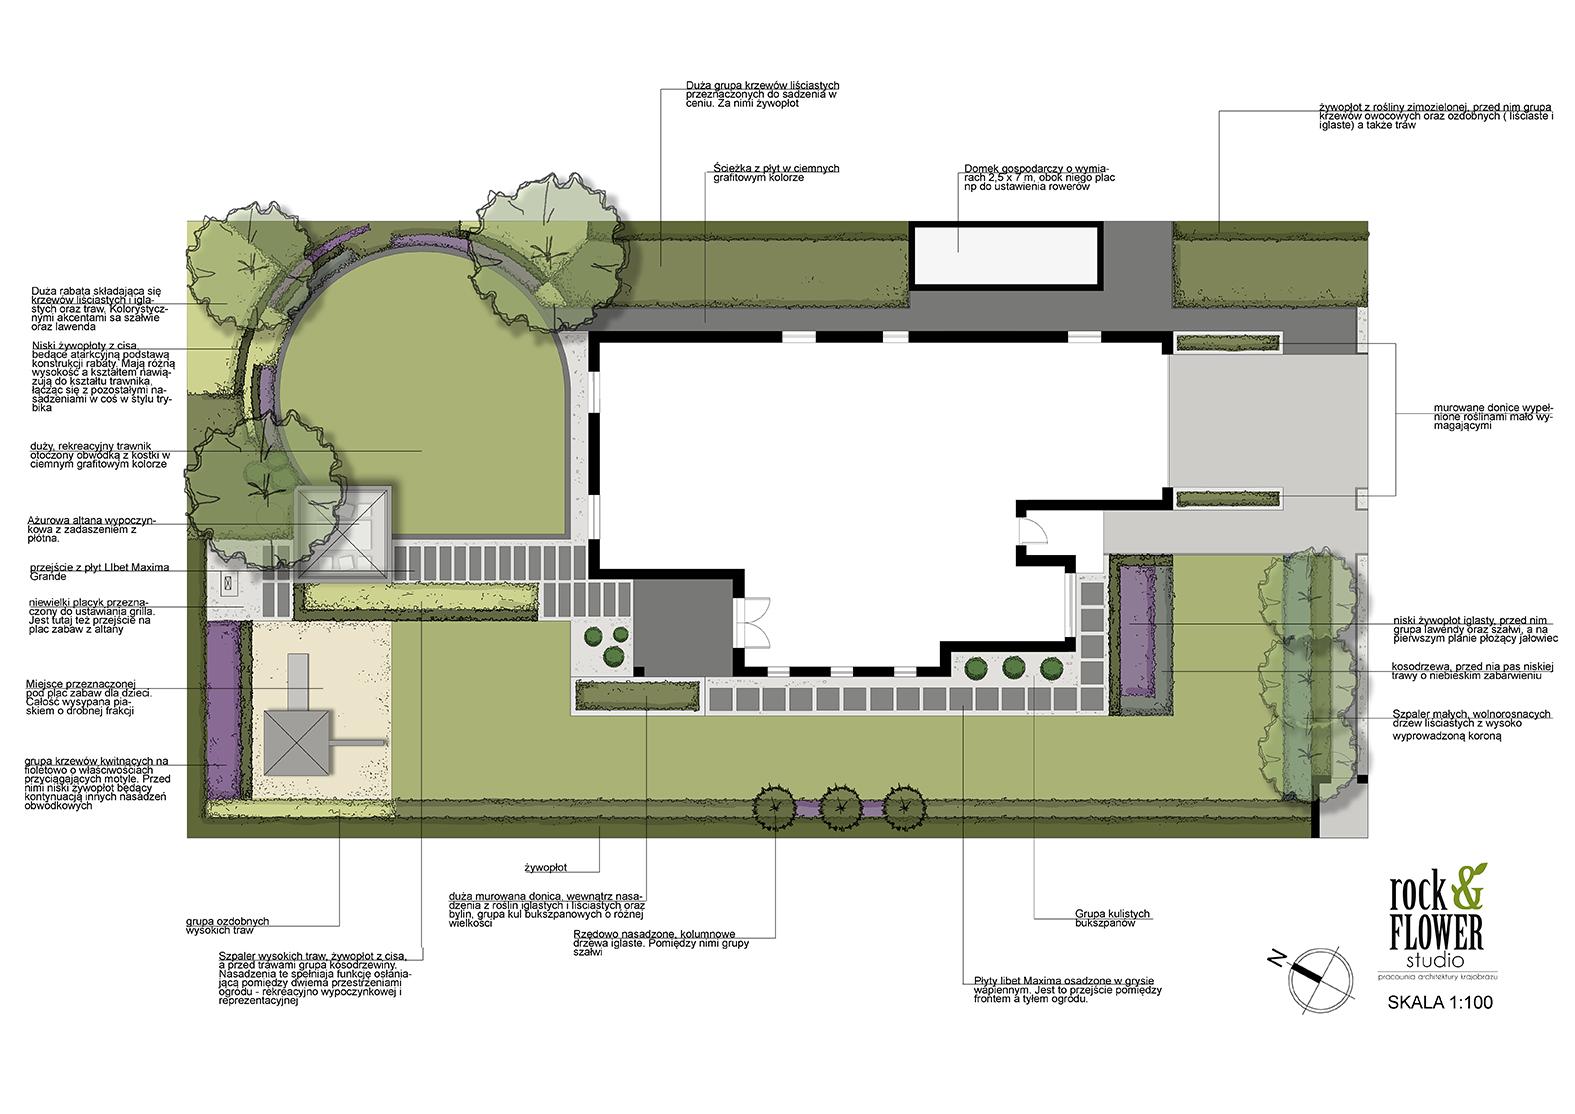 ogród z okrągłym trawnikiem rokietnica ogród w Poznaniu projektowanie ogrodów Poznań Rockandflower studio Rfstudio